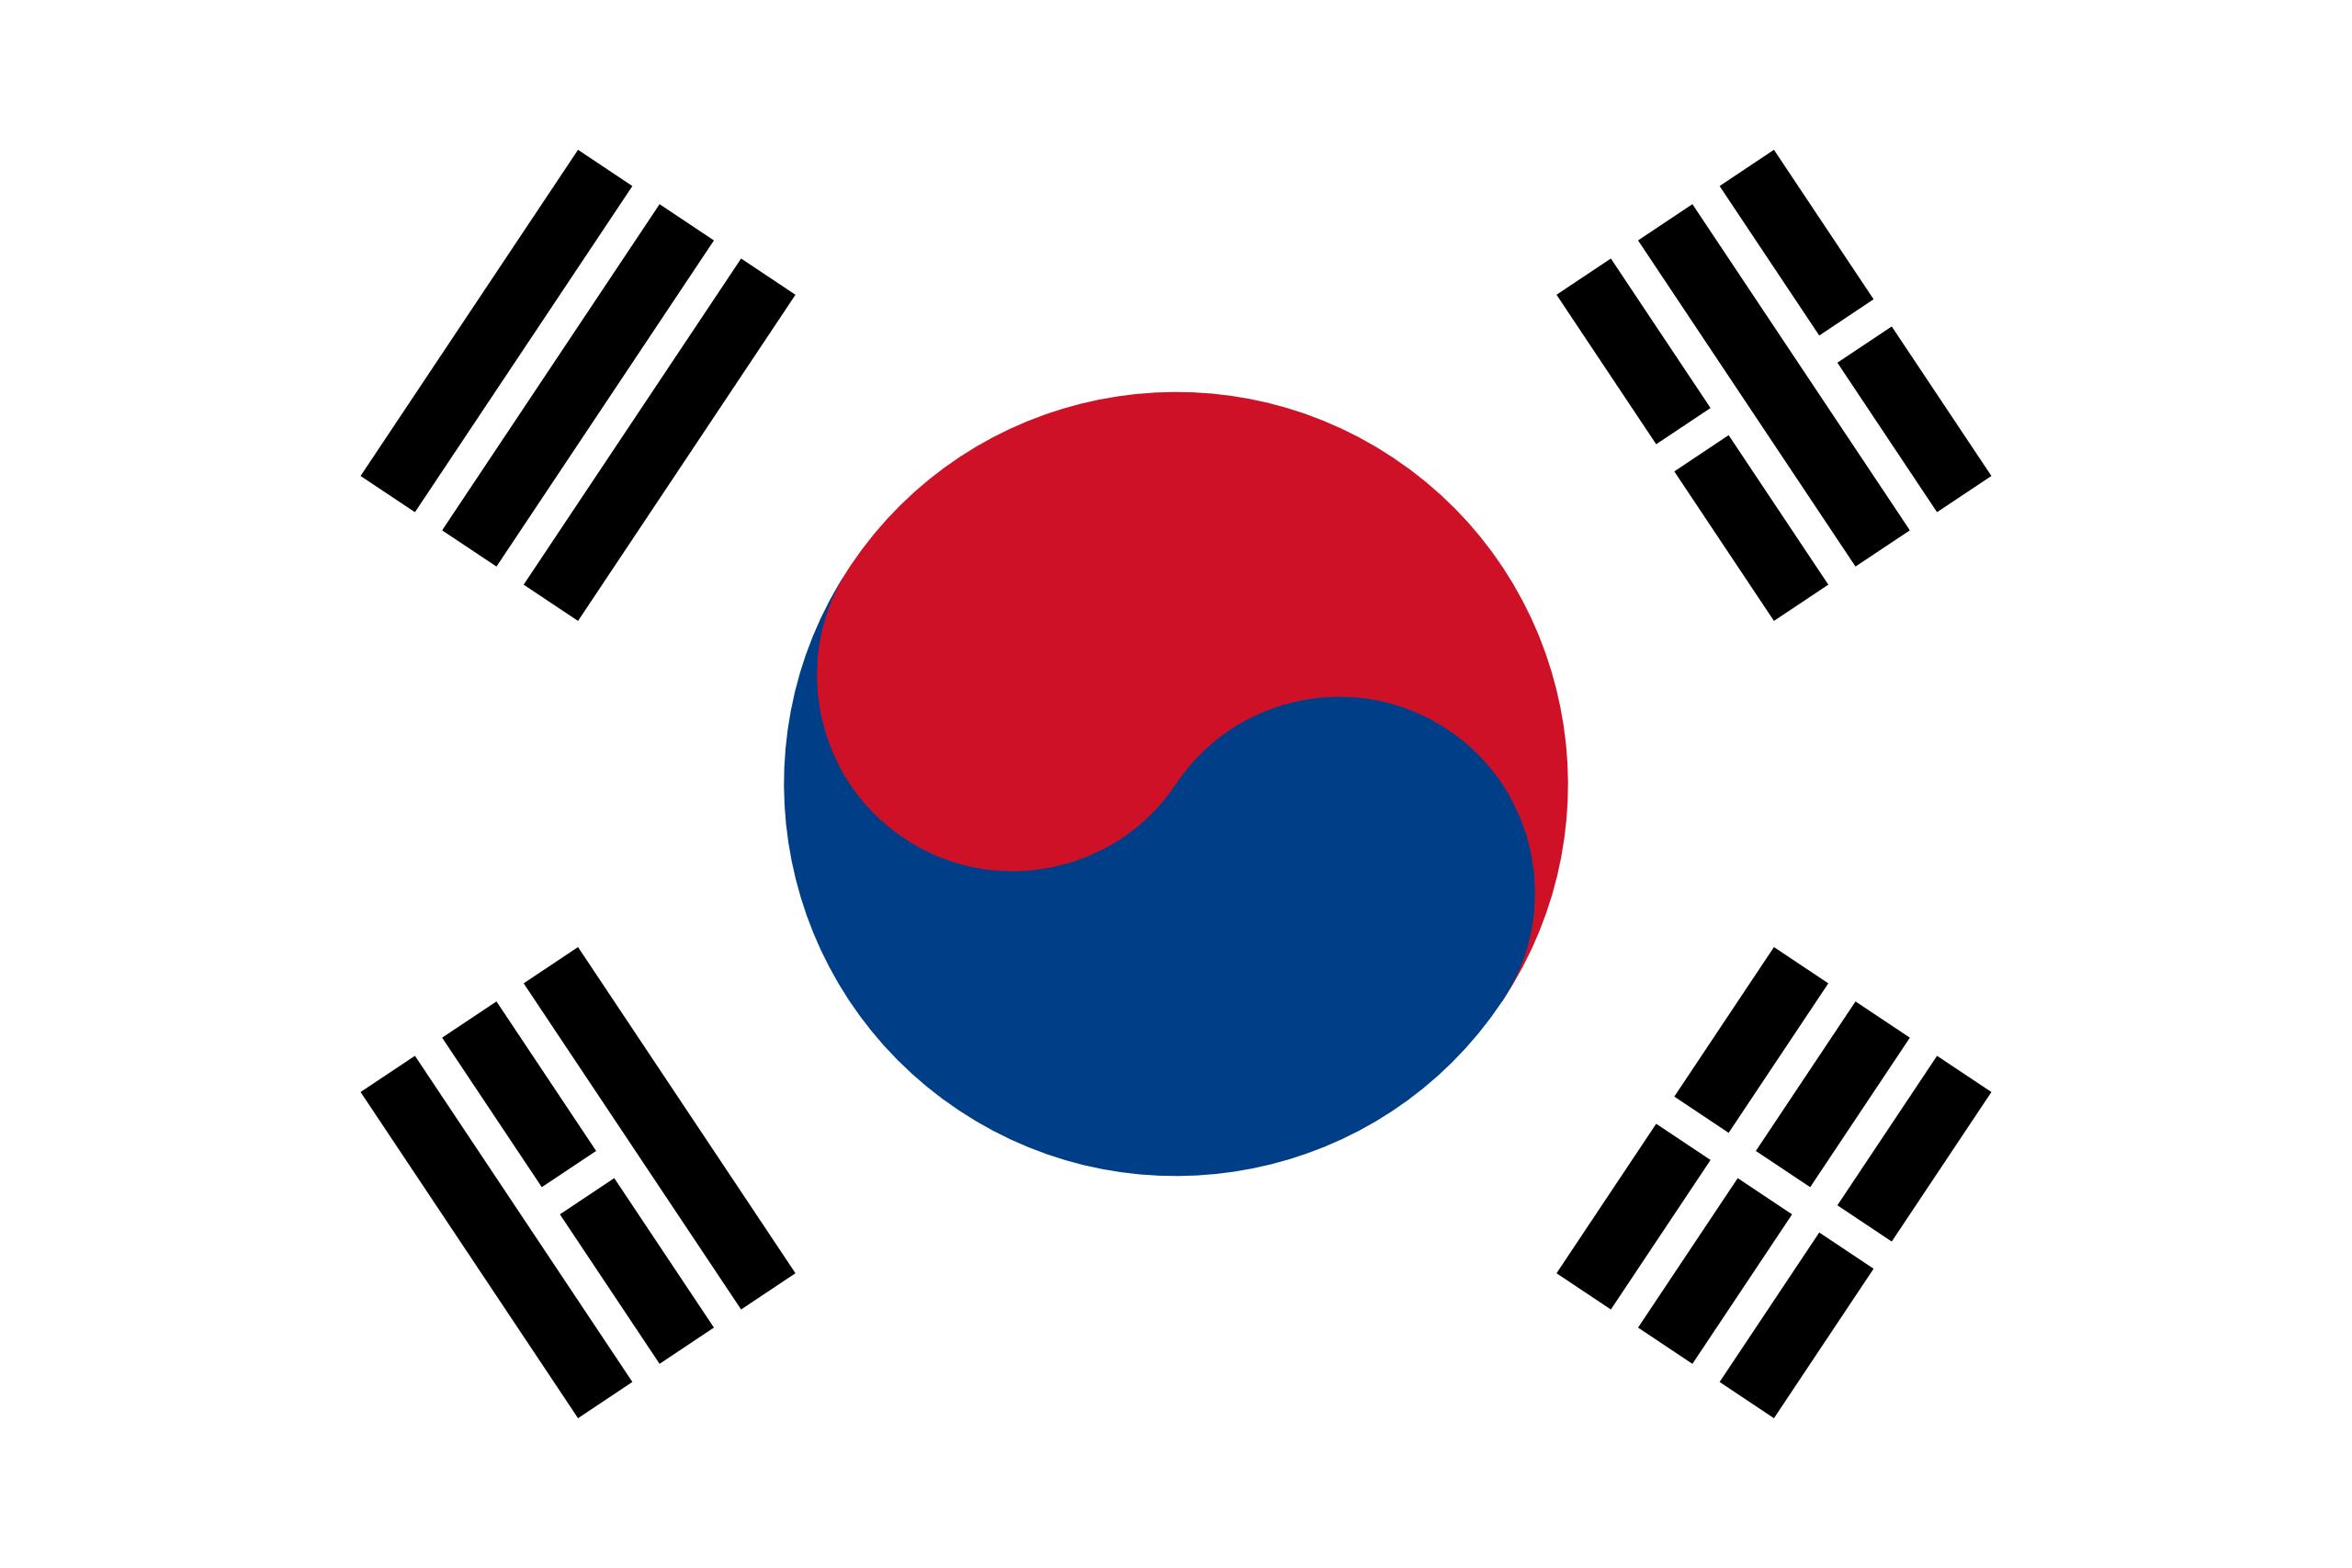 В Корее то время, которое находится малыш в утробе матери приписывают к его возрасту.